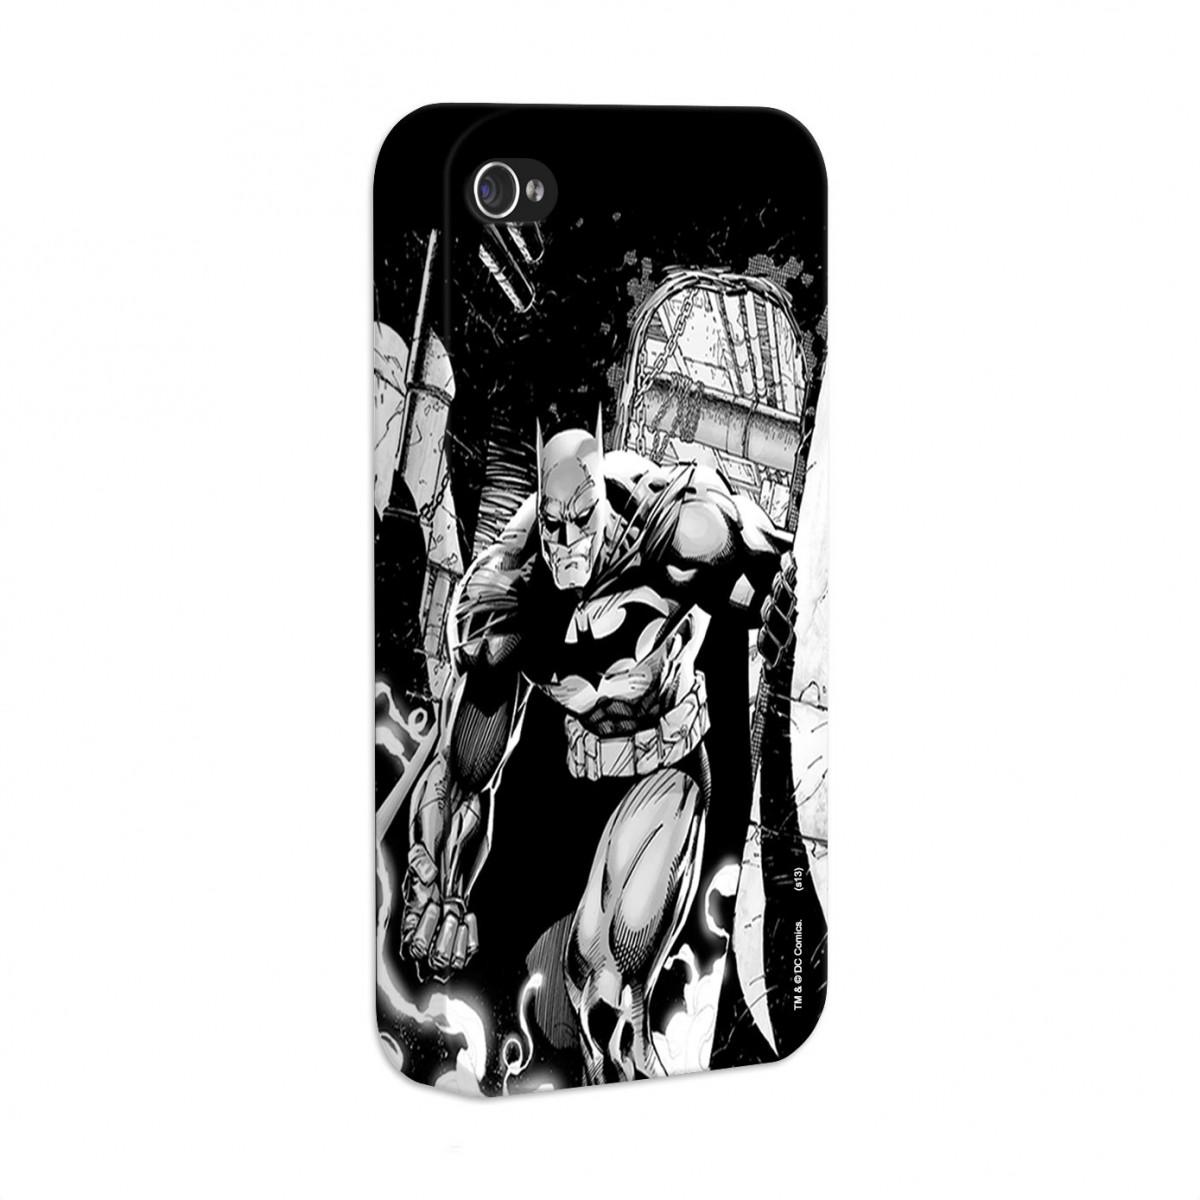 Kit Com 3 Capas de iPhone 4/4S Batman - Tracing